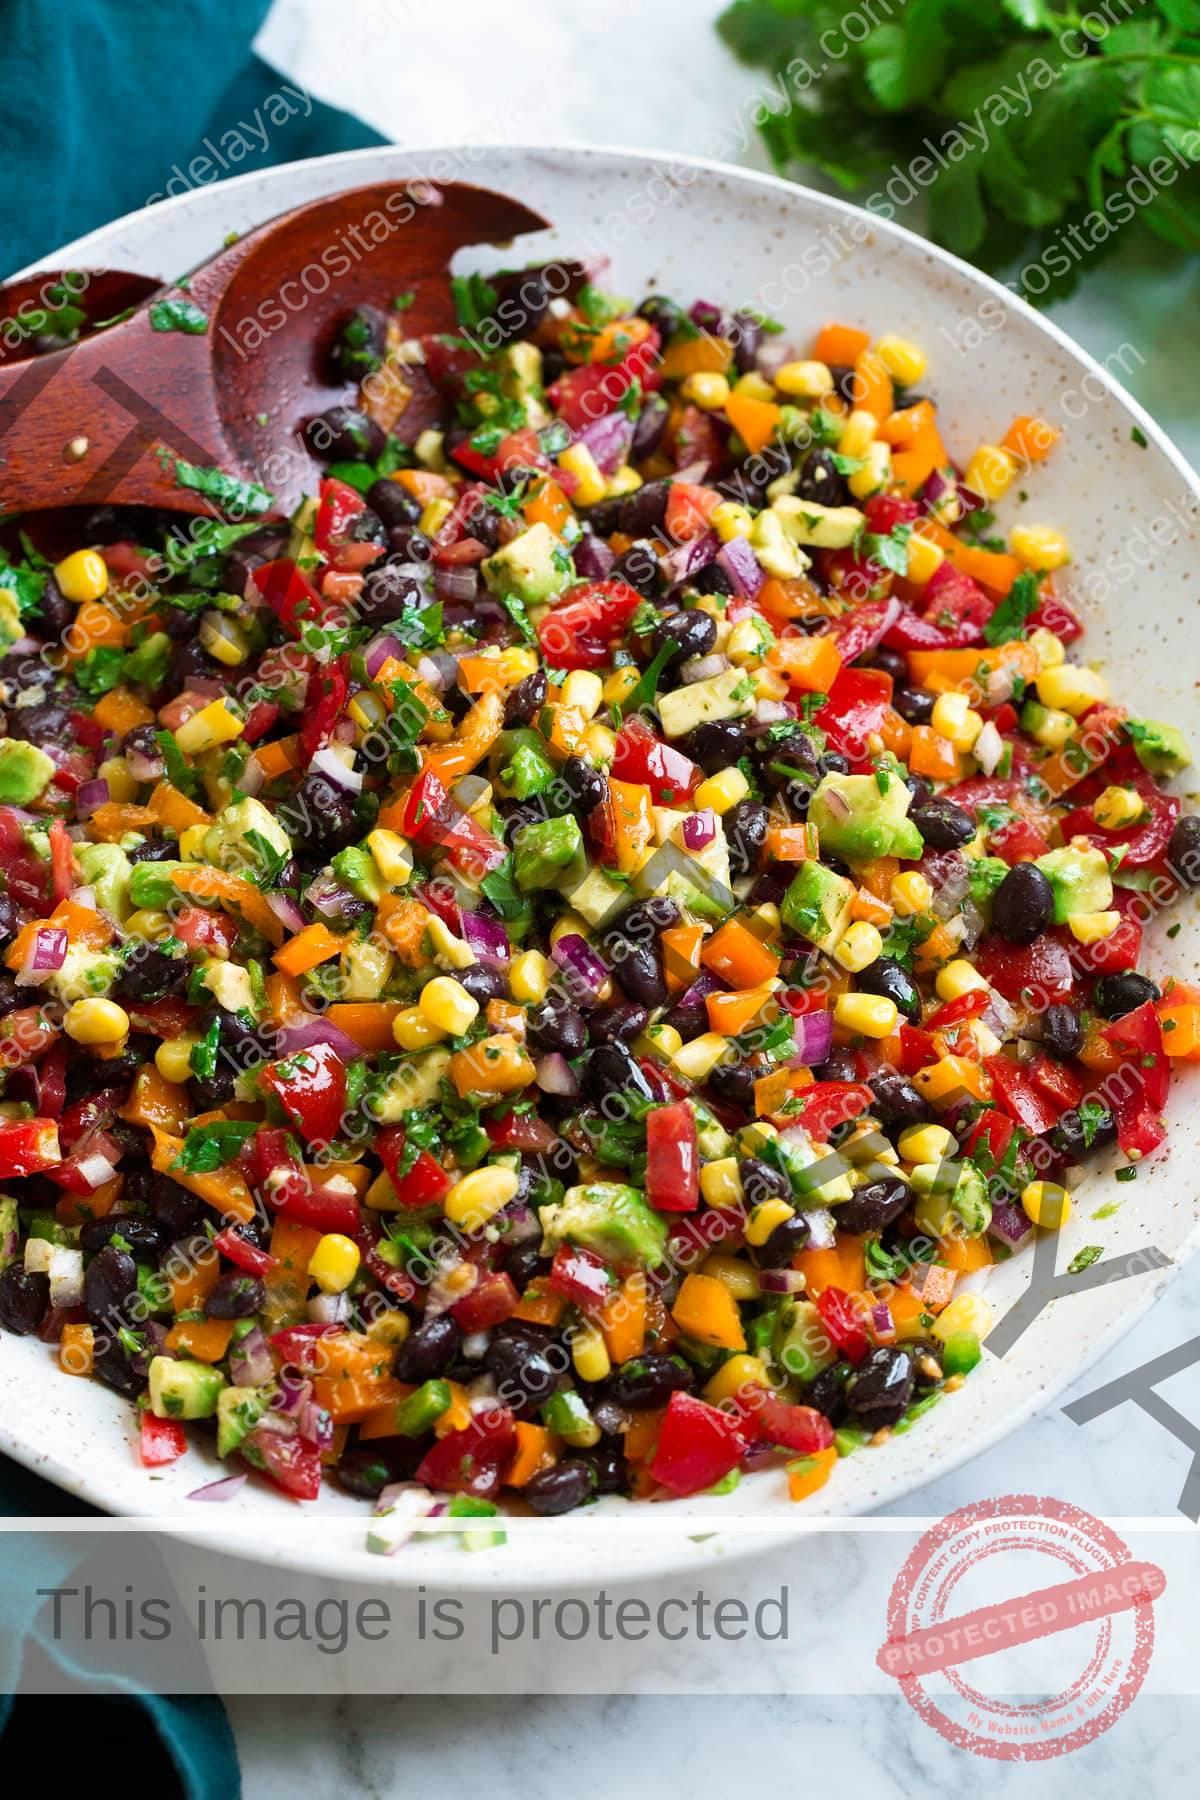 Ensalada de frijoles negros y maíz en una ensaladera blanca con cucharas de madera.